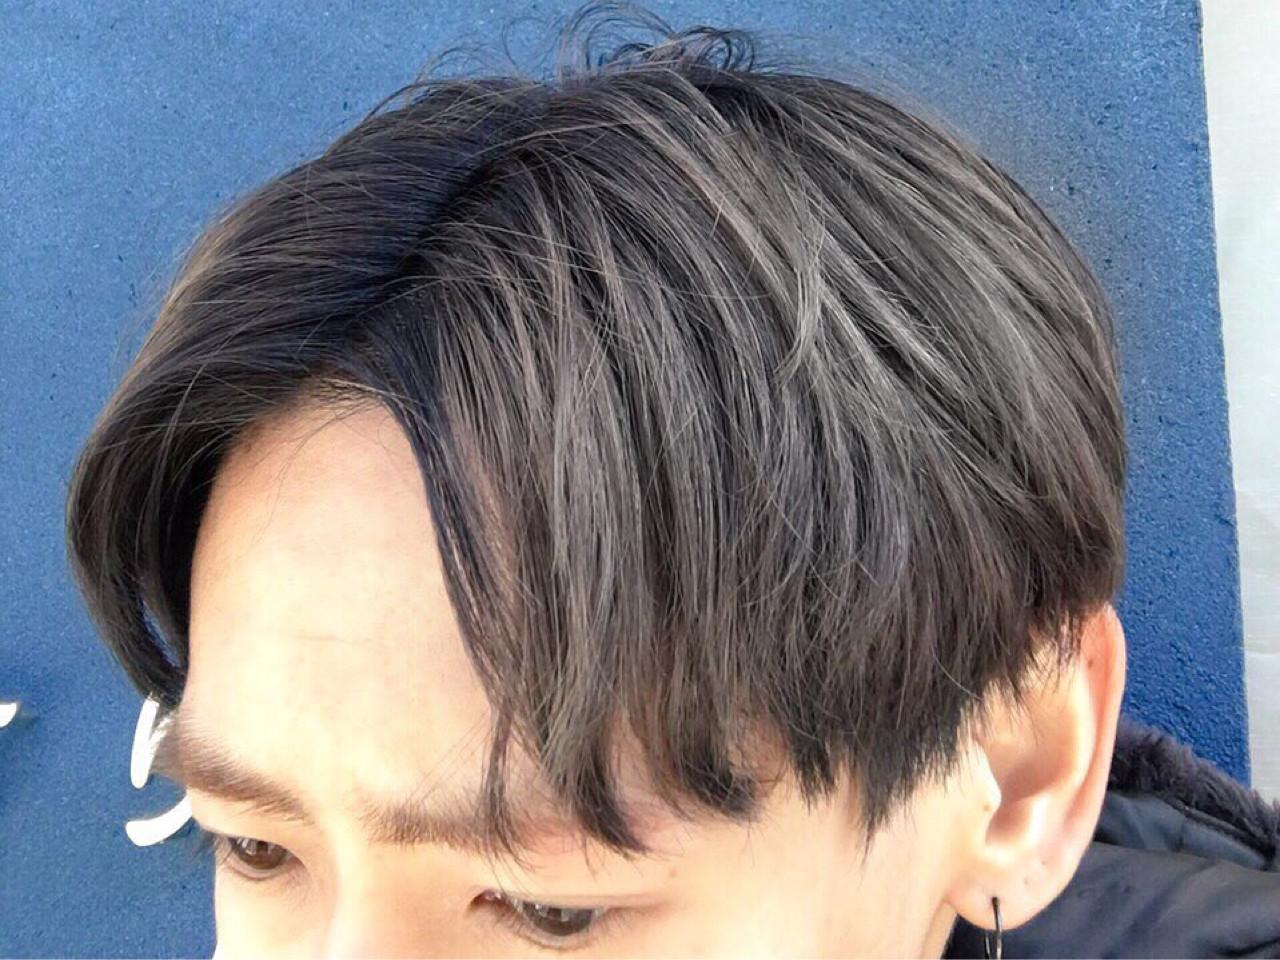 メンズ モード アッシュ グレージュ ヘアスタイルや髪型の写真・画像 | KEISUKE 【フリーパーソナルカラリスト】 / BellaDolce free-lance